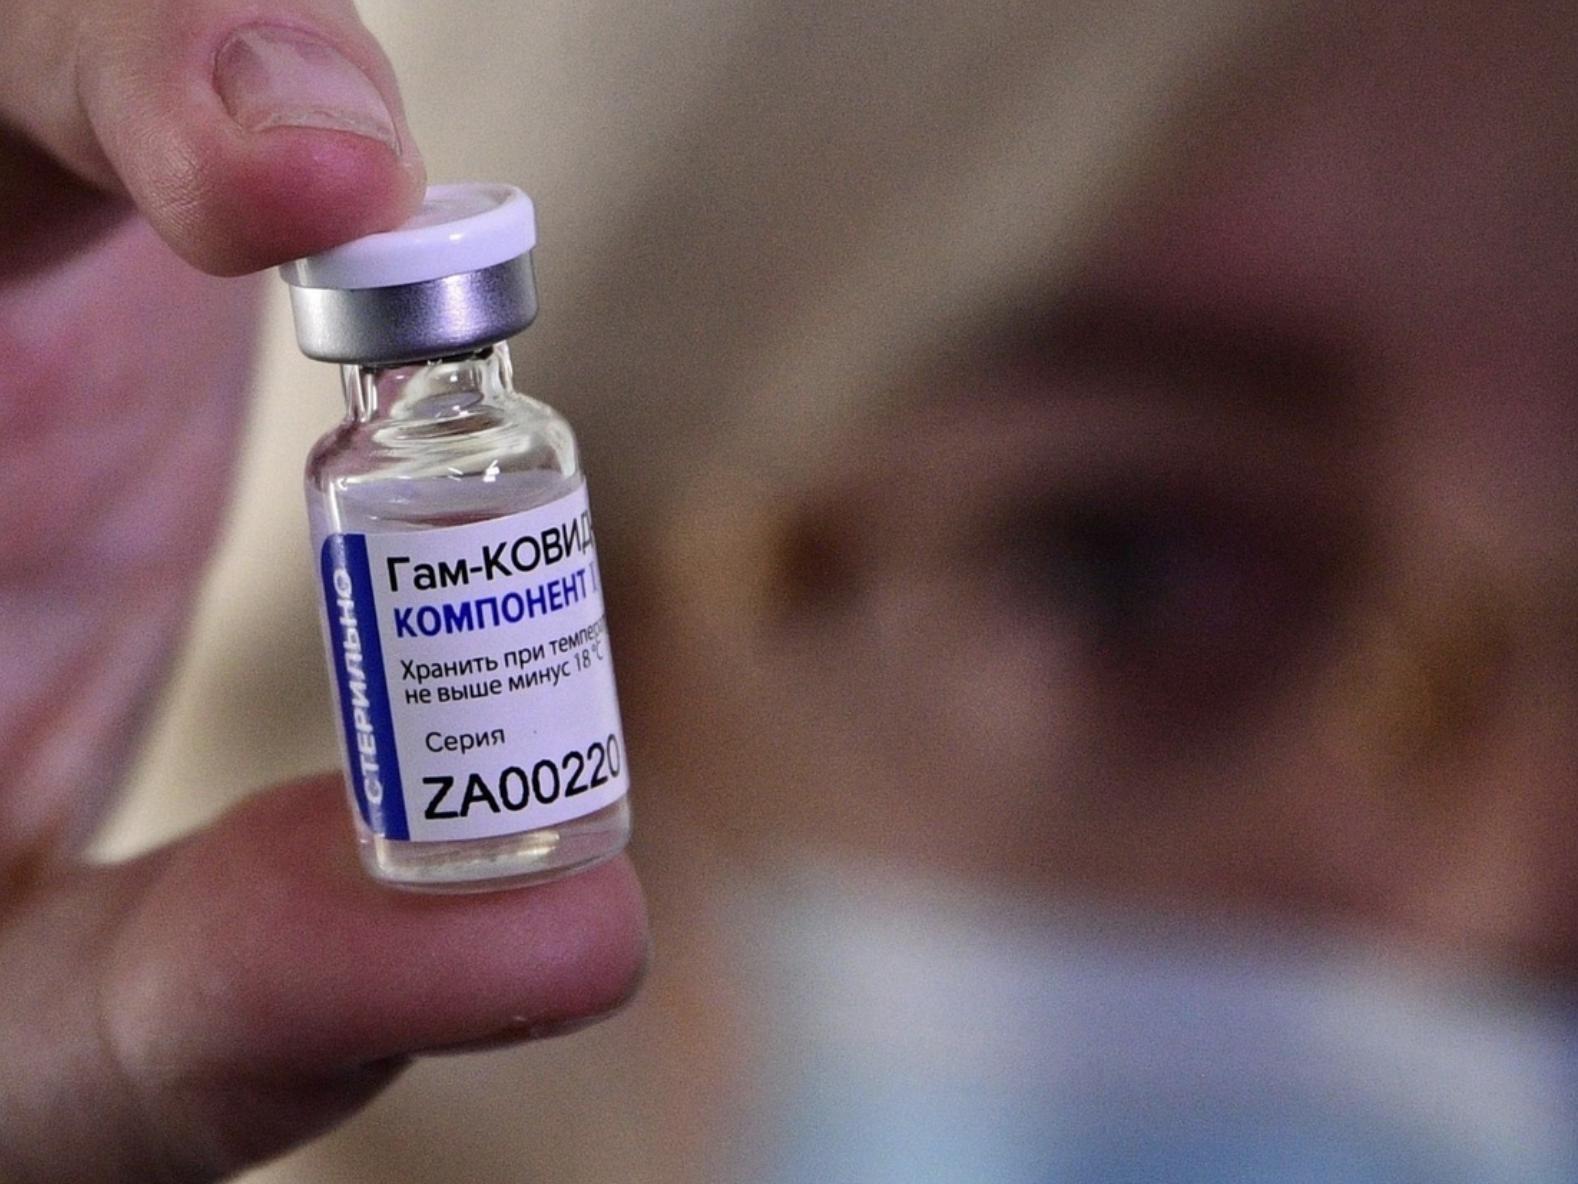 El canciller Marcelo Ebrard informó que México y Rusia trabajan para acordar que la vacuna Sputnik V sea envasada en Birmex. Foto Afp / Archivo